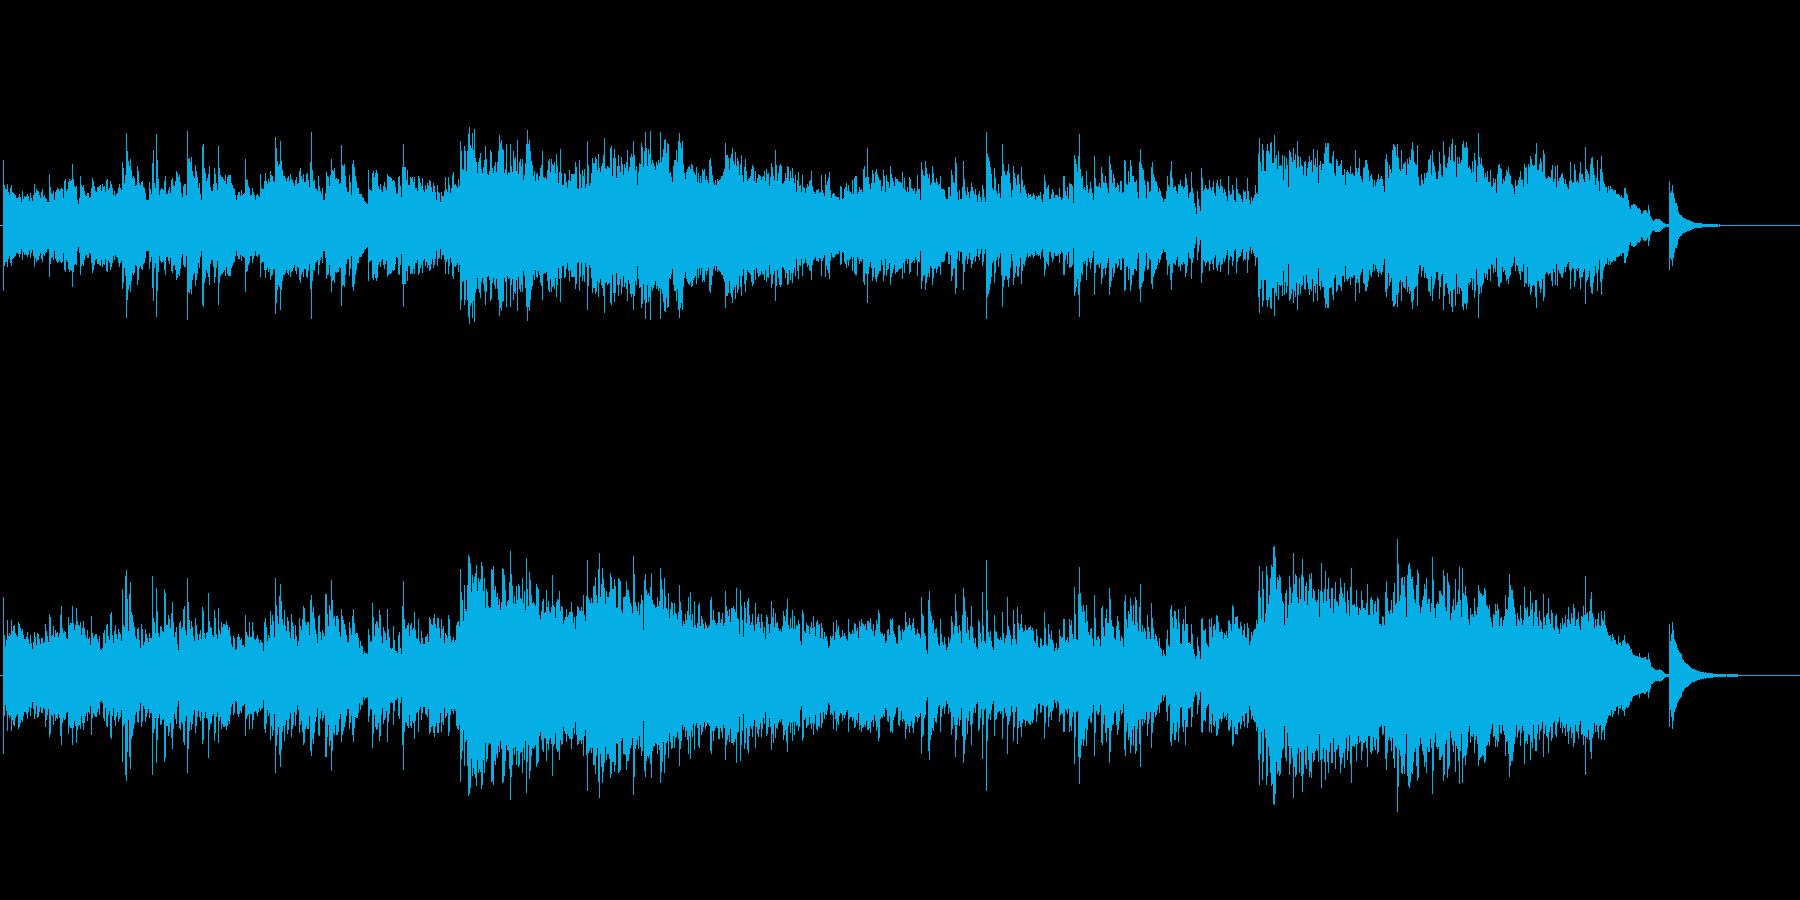 コーラス入りピアノタイトルの再生済みの波形